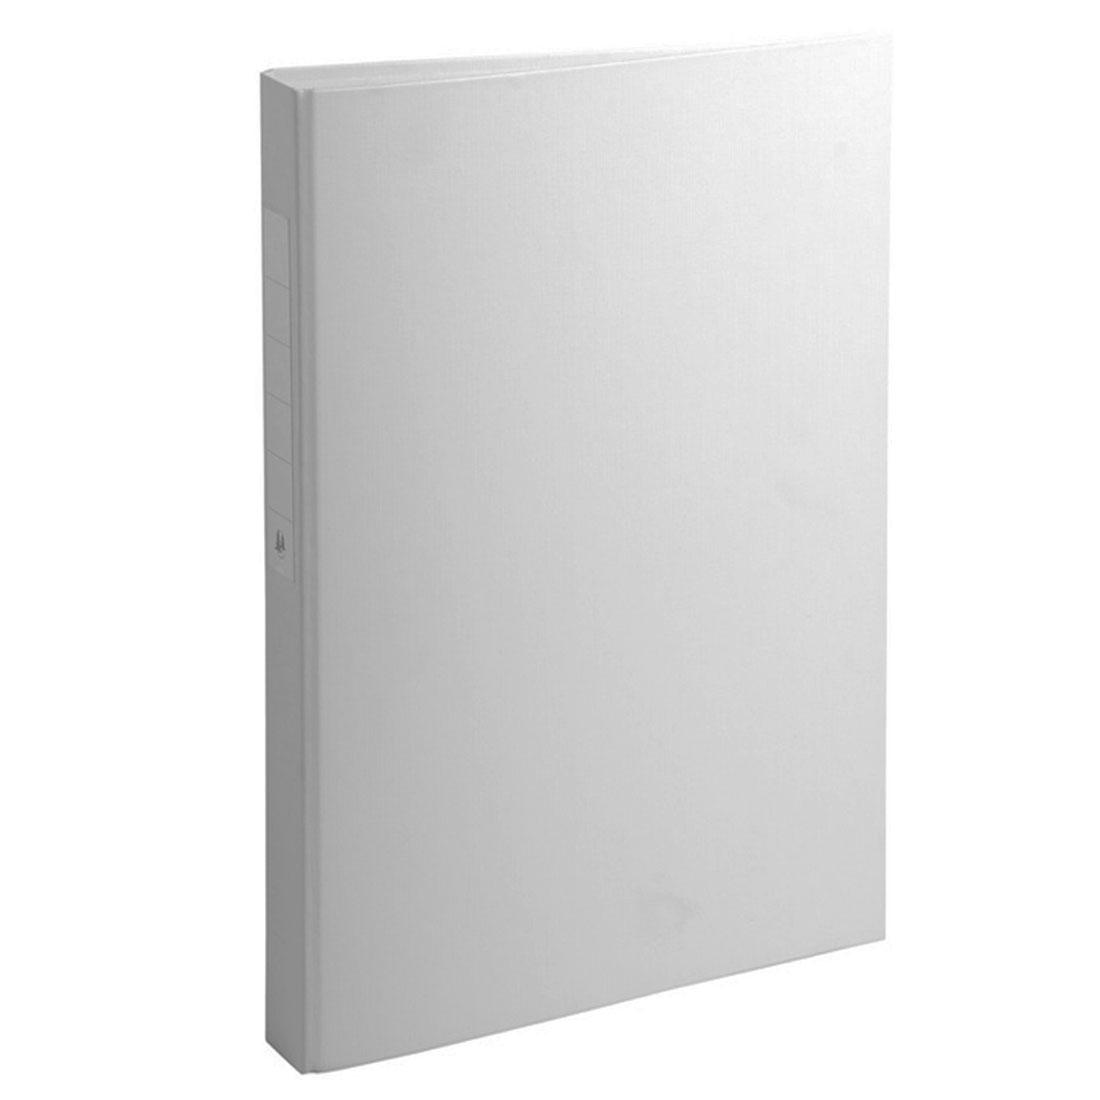 Classeur blanc for Ikea effektiv classeur